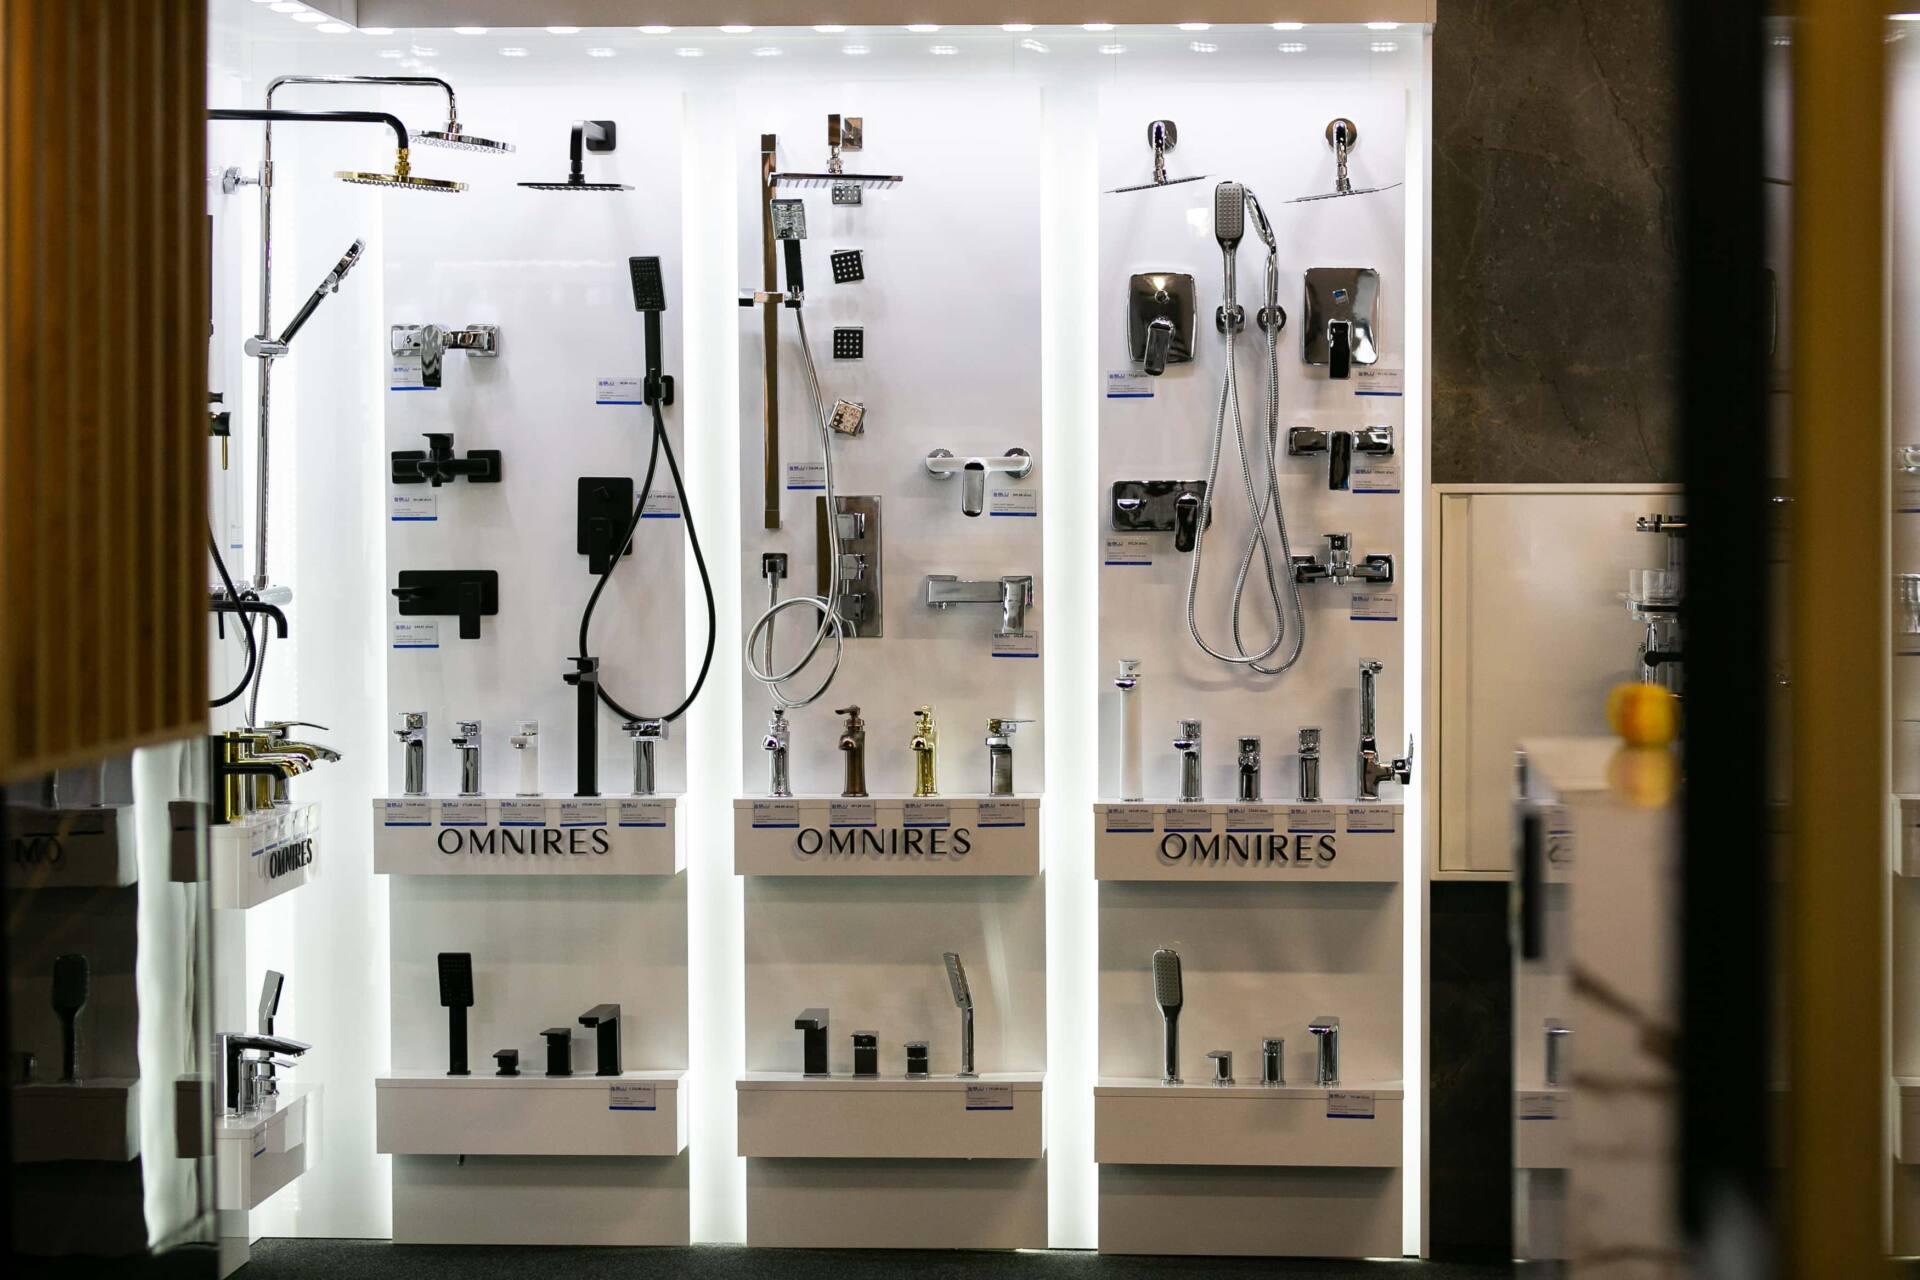 5db 5550 Salon BLU: na ponad 500 m2., 36 łazienkowych aranżacji i bogata ekspozycja wyposażenia (zdjęcia)